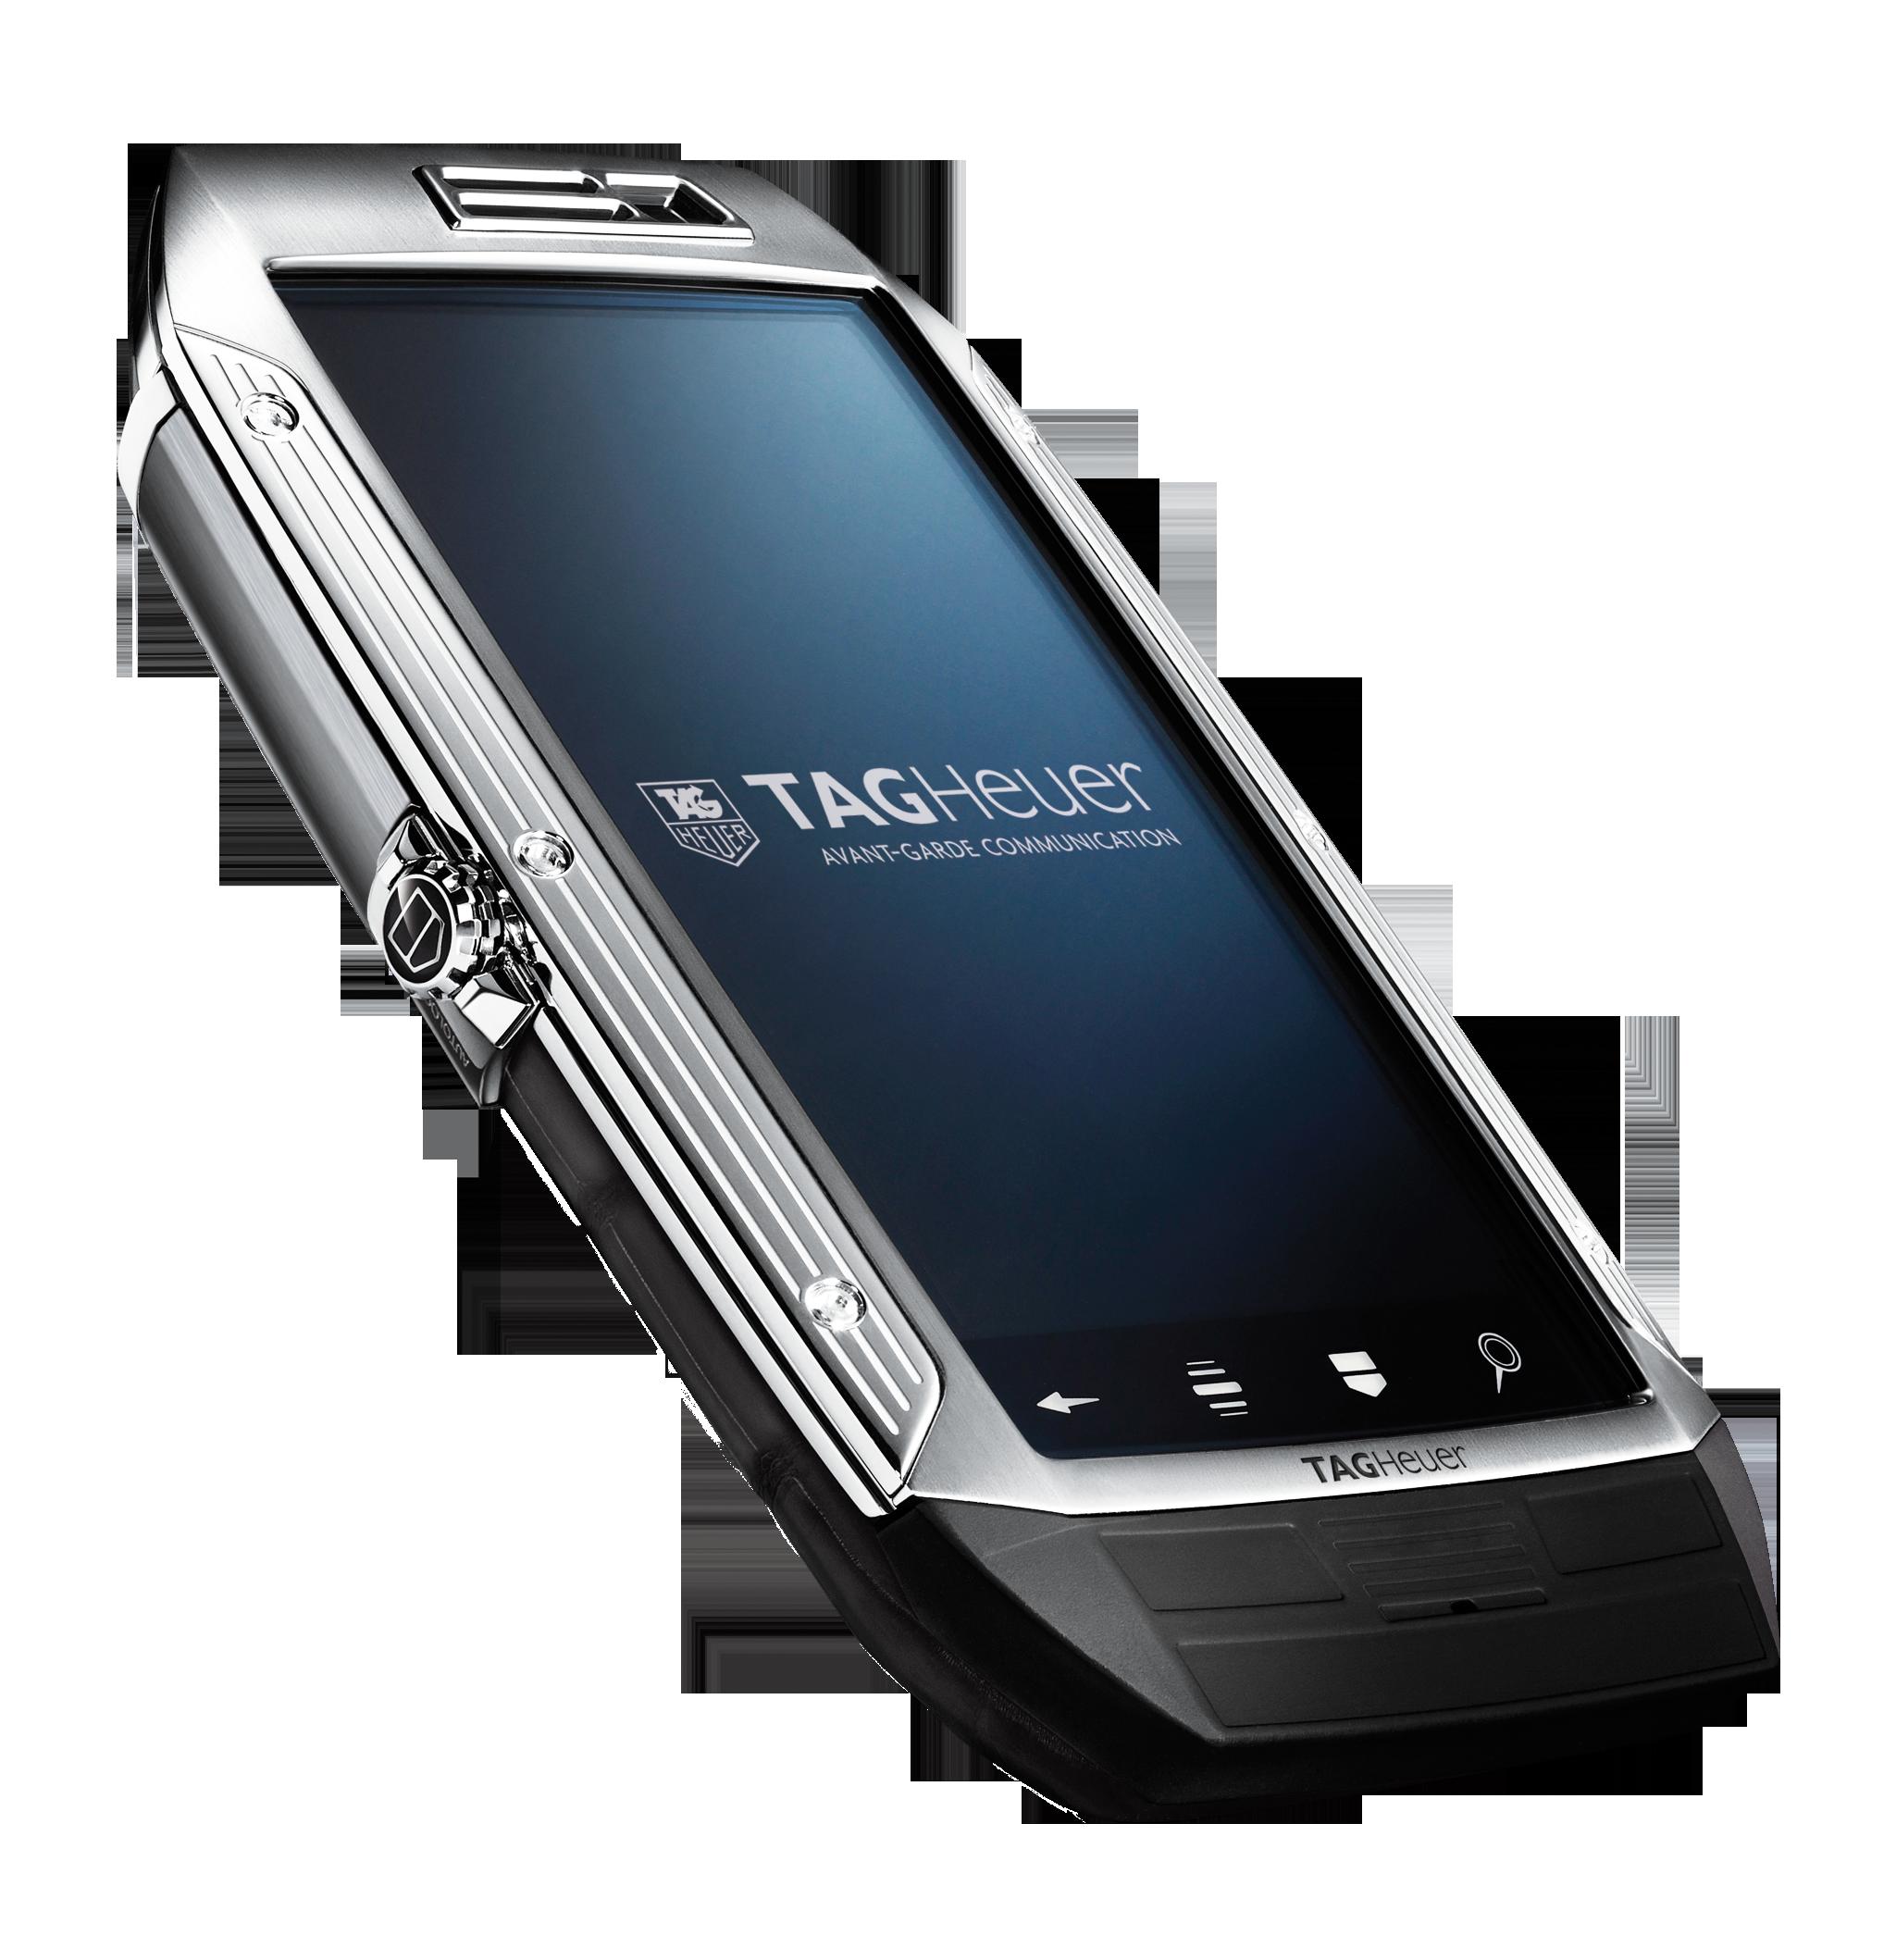 TAG Heuer Link - Ein wertigeres Android-Smartphone dürfte zurzeit kaum zu bekommen sein